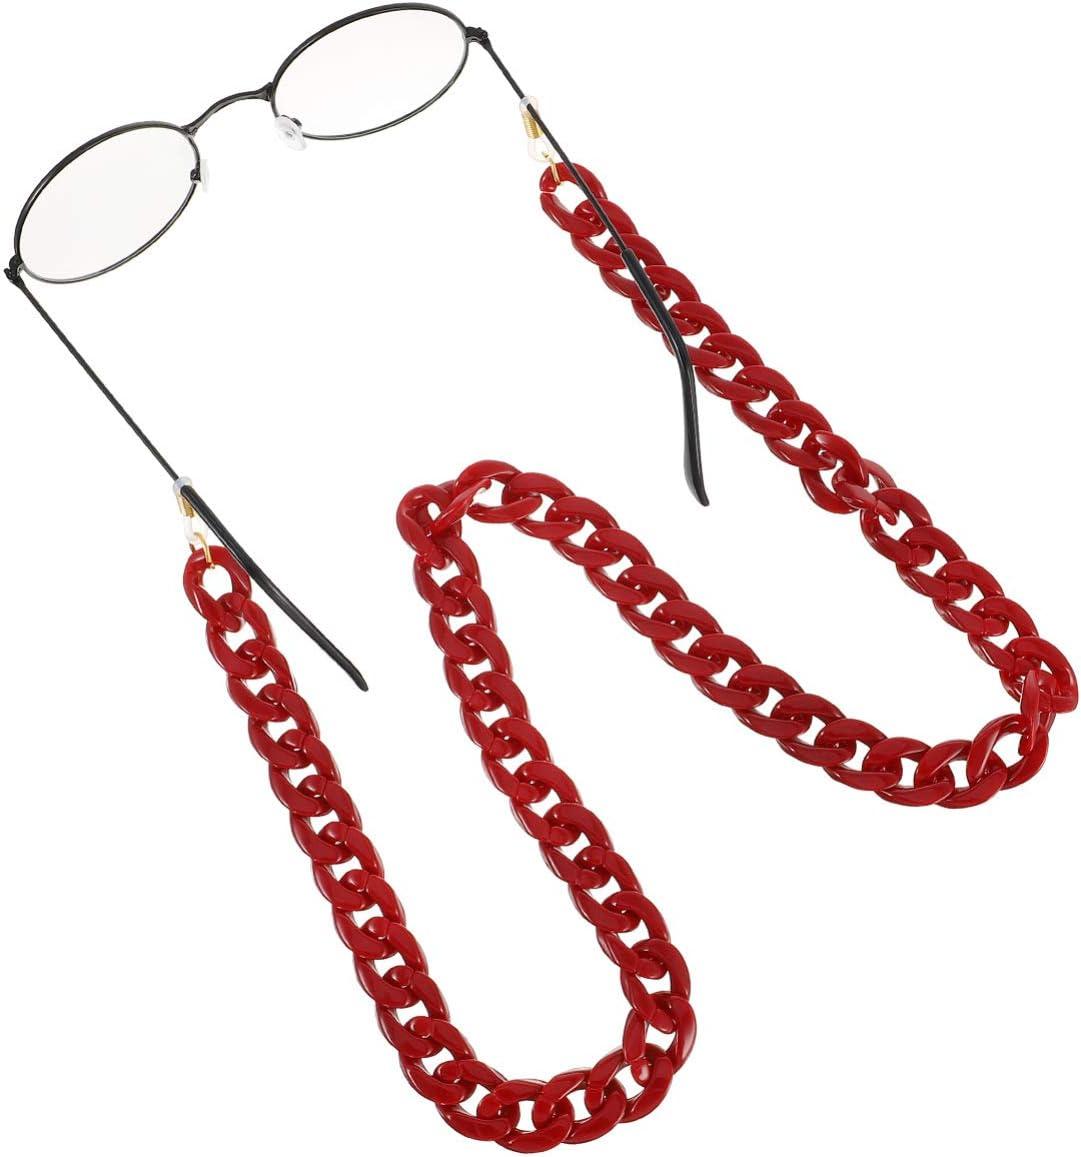 SOIMISS Brillenketten Brillenschnurhalter Anti-Rutsch-Acryl Brillenhalter Brillen Kettenriemenhalter Halter f/ür Brillen Sonnenlasse